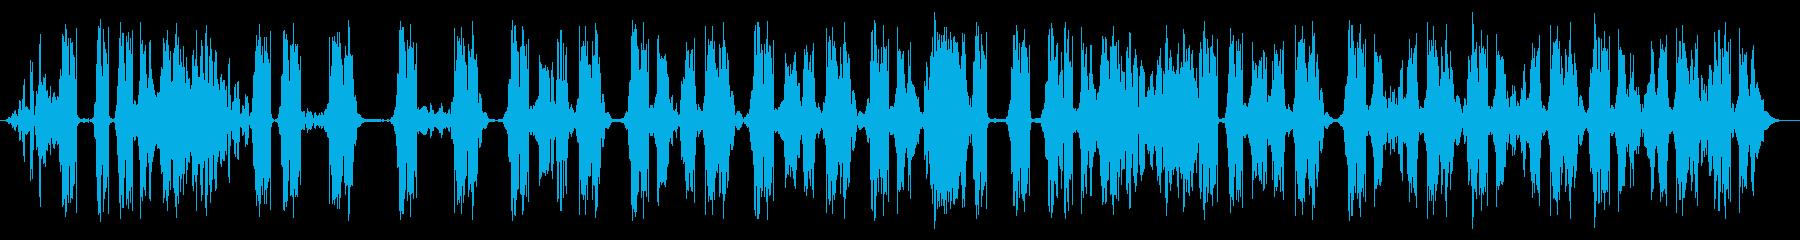 ワッキーテープスクラビング3の再生済みの波形